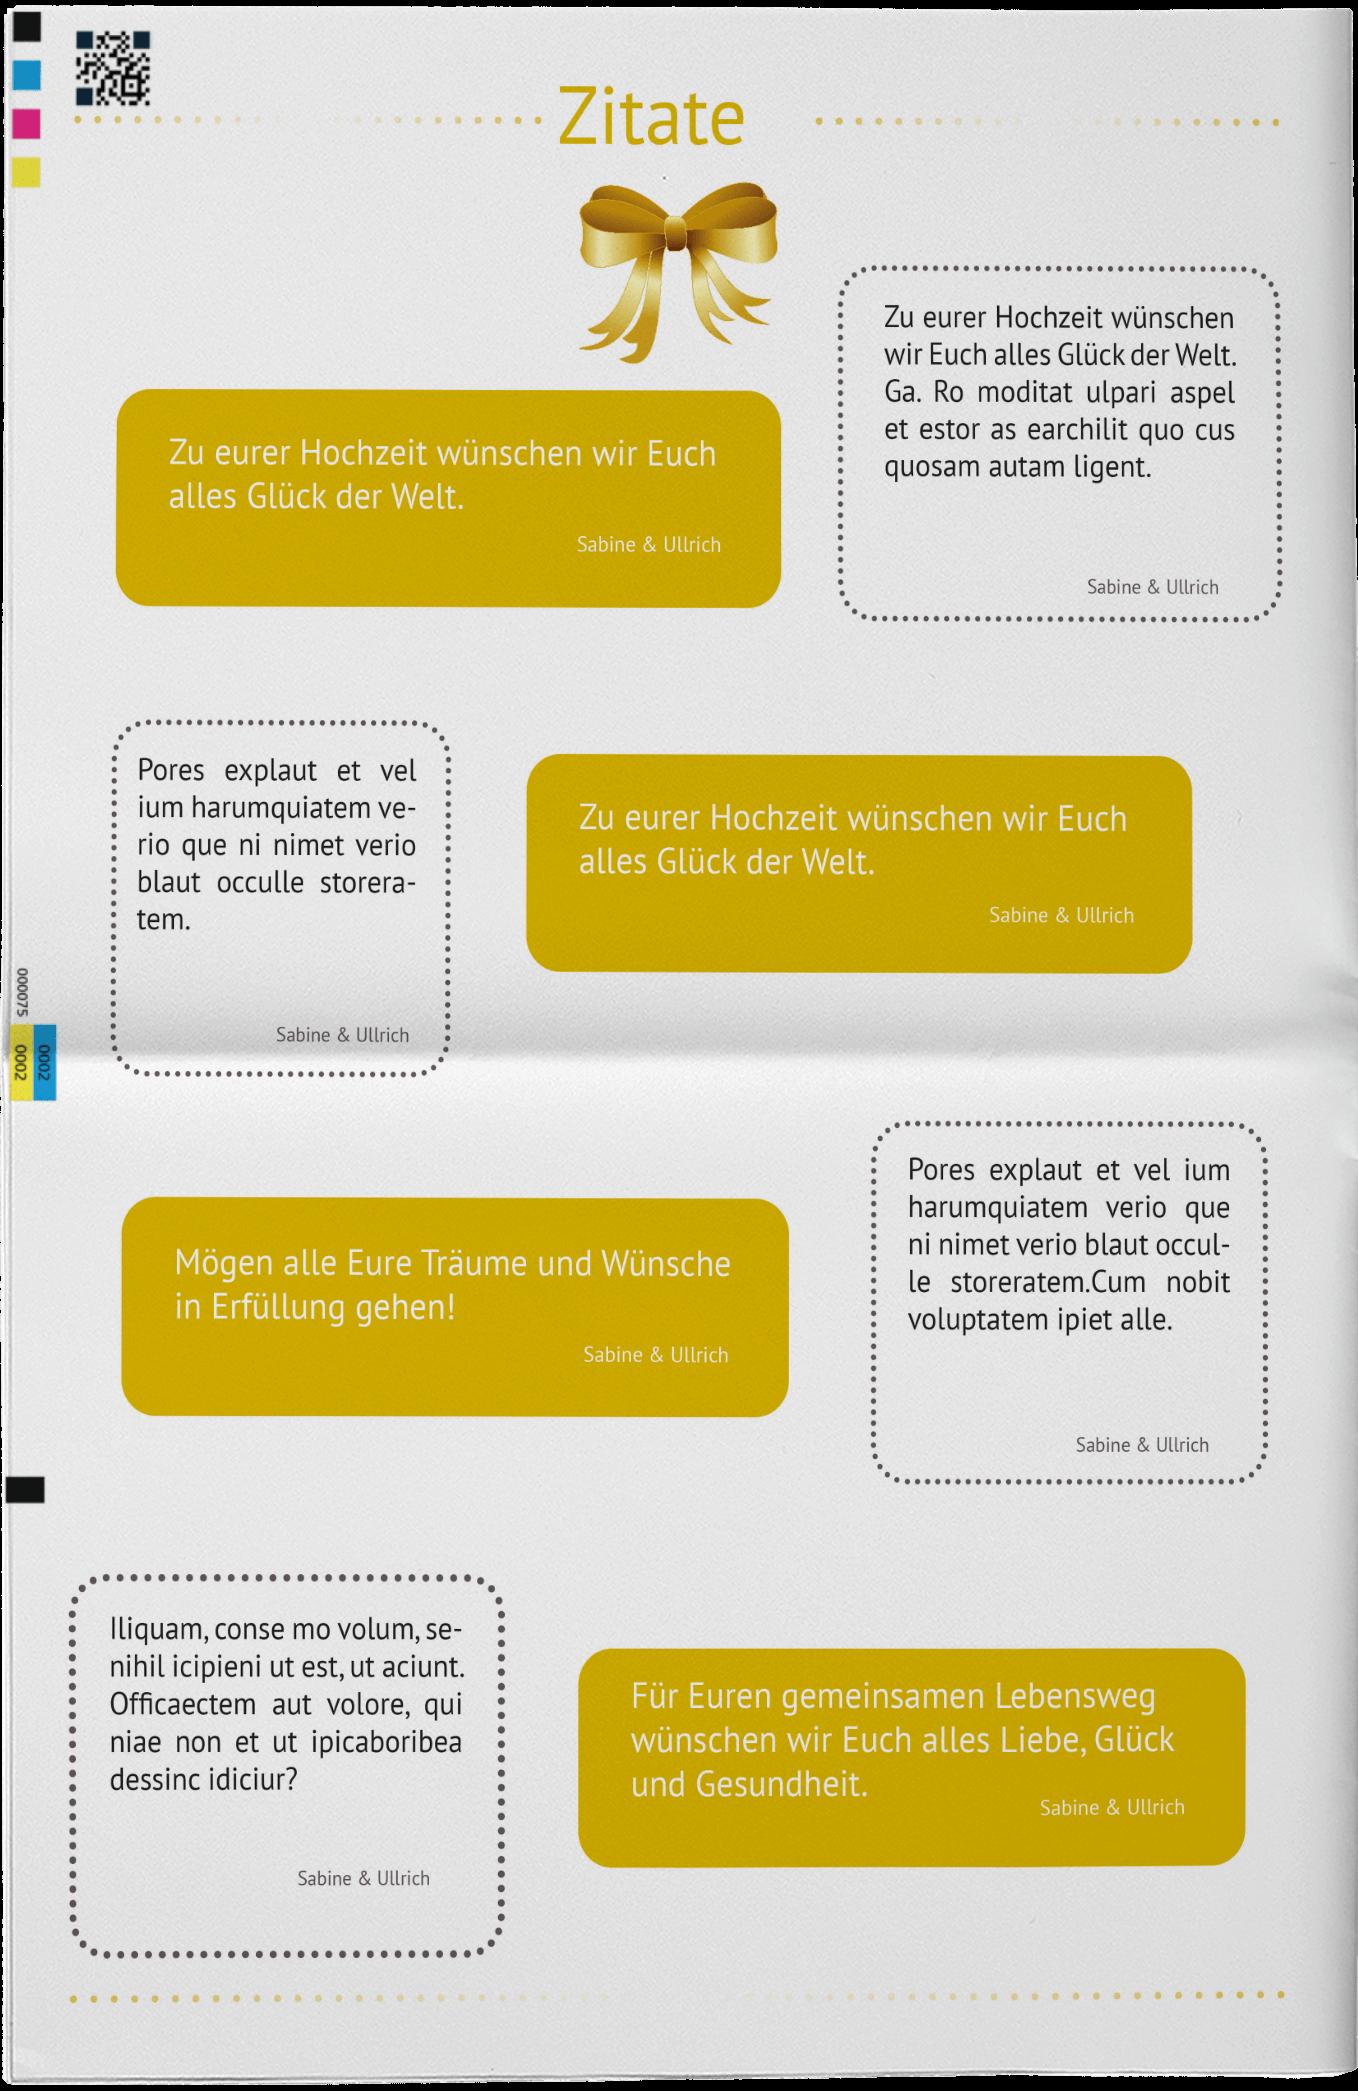 Beispiel für eine Zitat-Collage in einer Hochzeitszeitung zur Goldenen Hochzeit